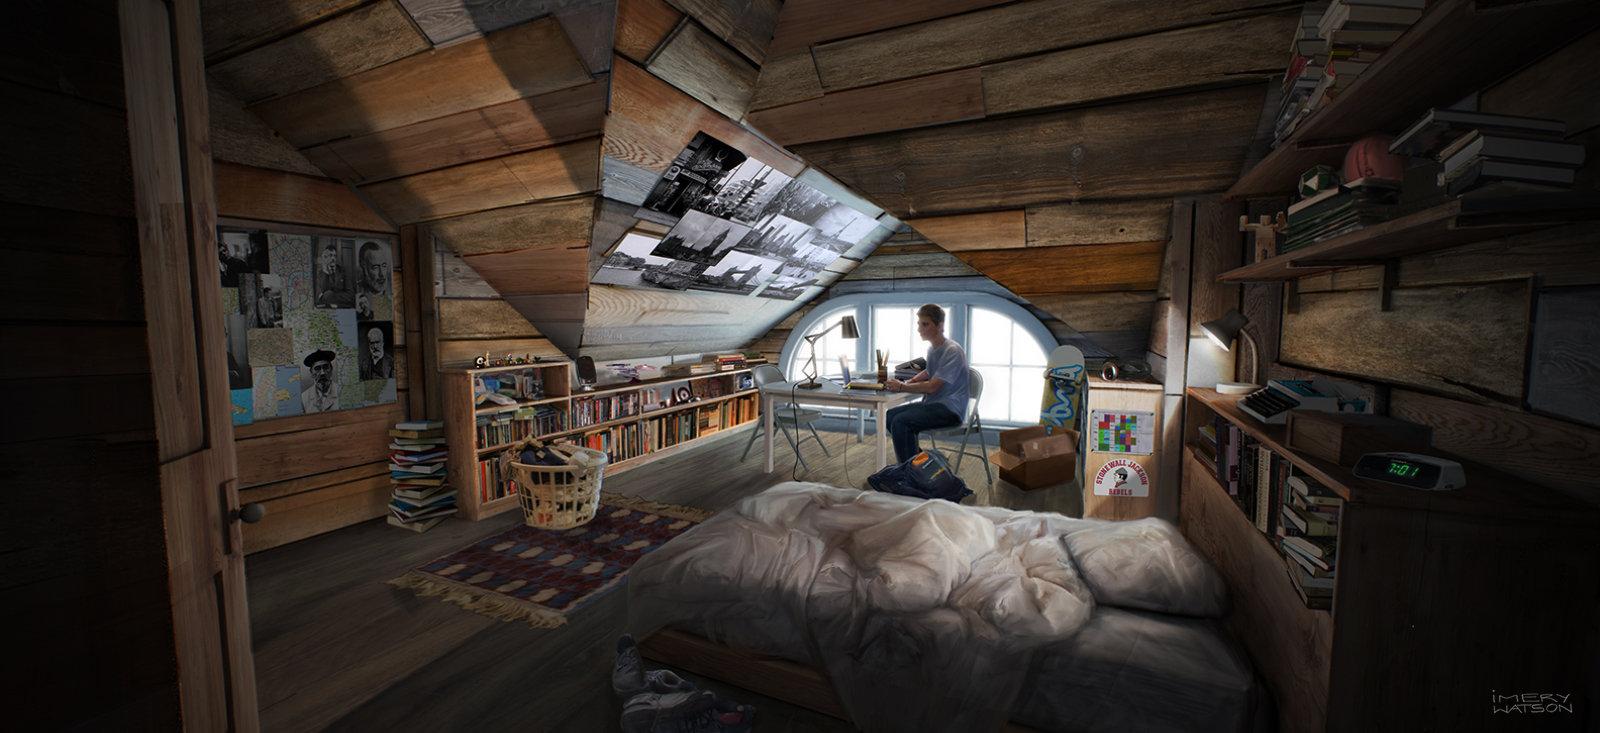 Imery watson bedroom2